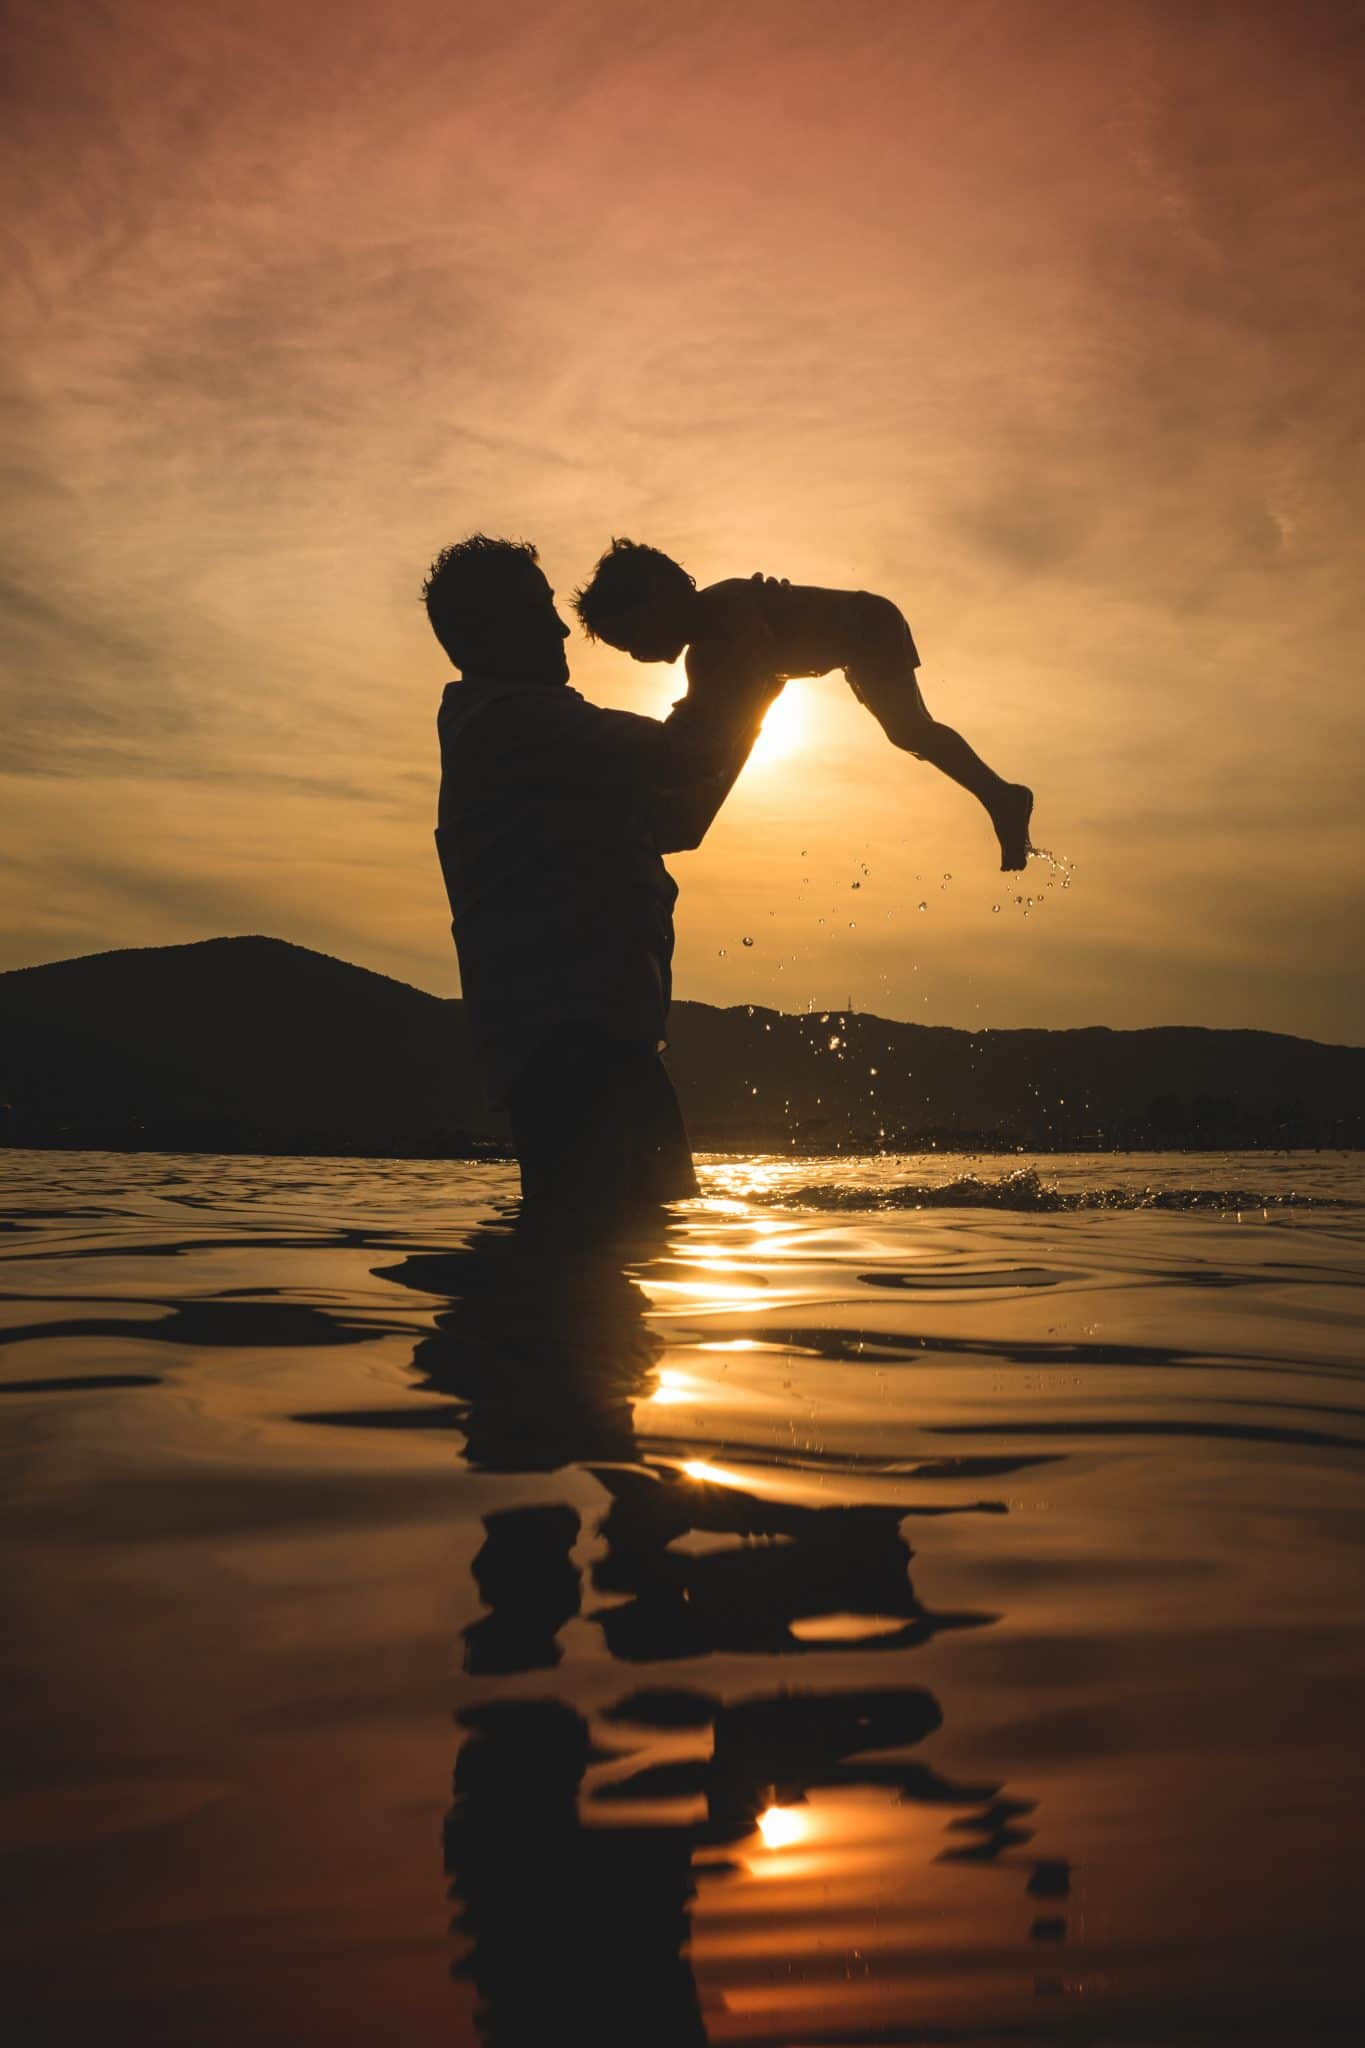 fotografo ritratti in giallo senape la spezia scegli il tuo colore in mare al tramonto controluce